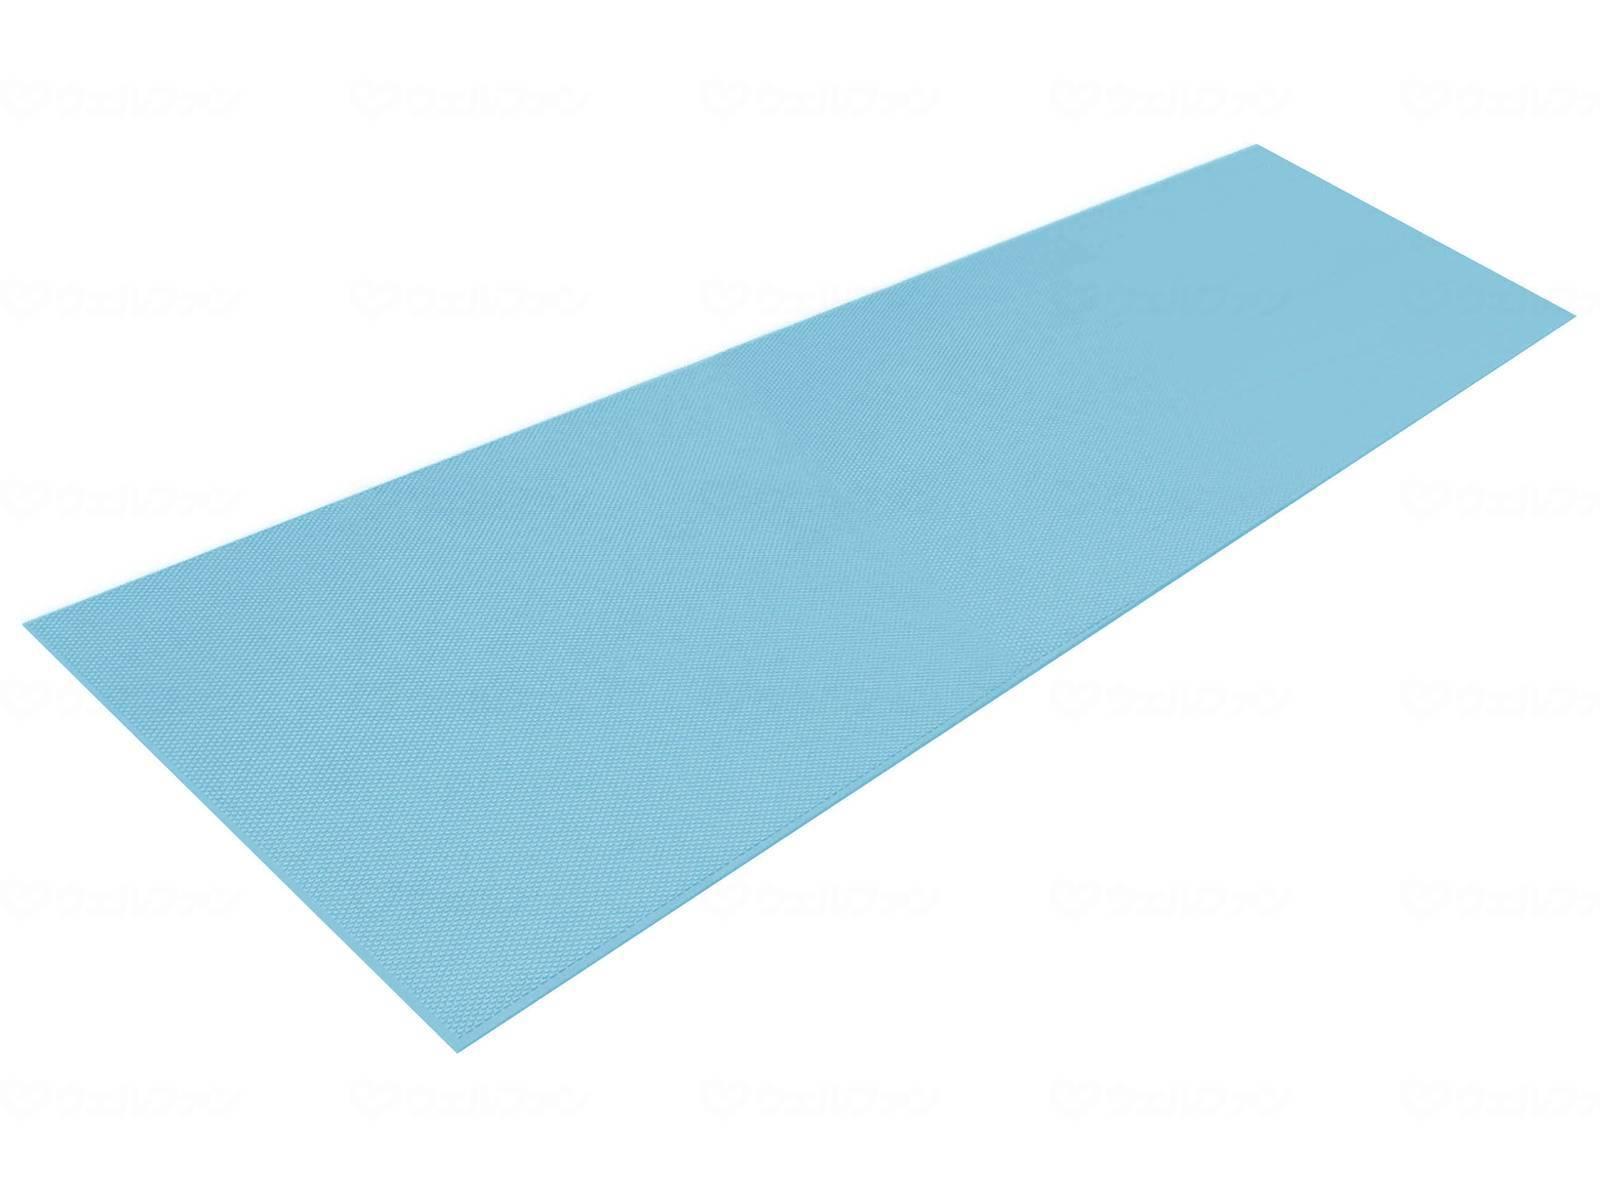 シンエイテクノ ダイヤロングマット SL1.2 ブルー·グリーン 幅50cm×長さ120cm 厚さ3mm  [滑り止め バリアフリー 介護]